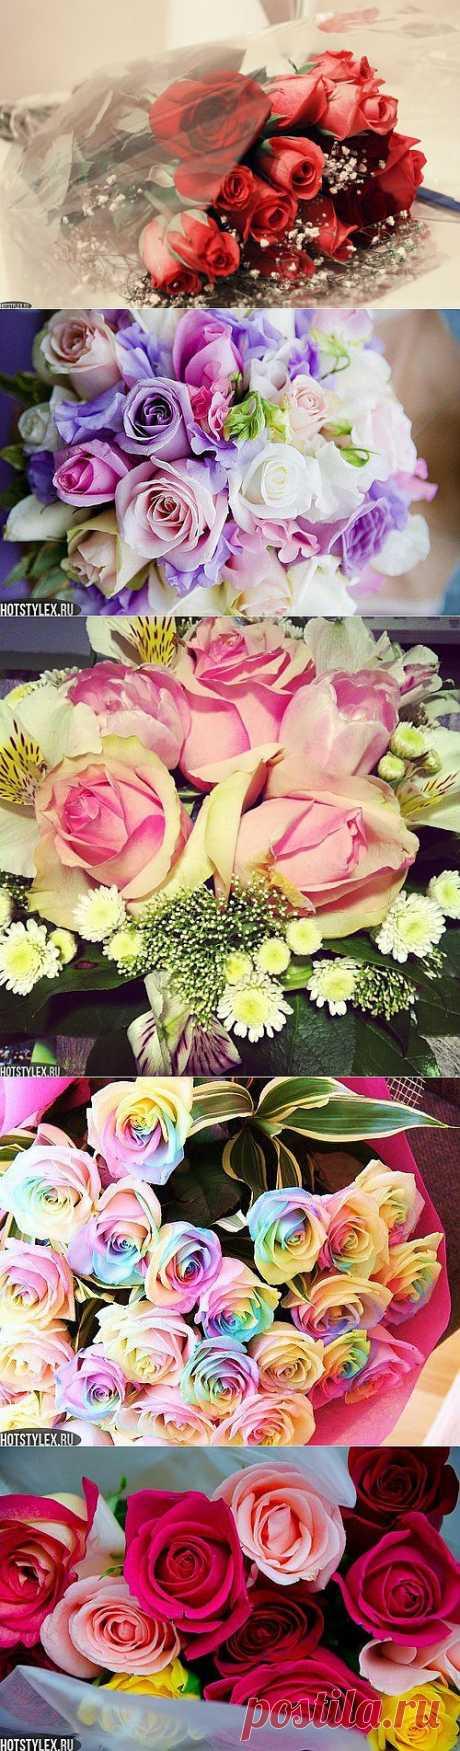 шикарные букеты роз фото, цветы фото розы букеты